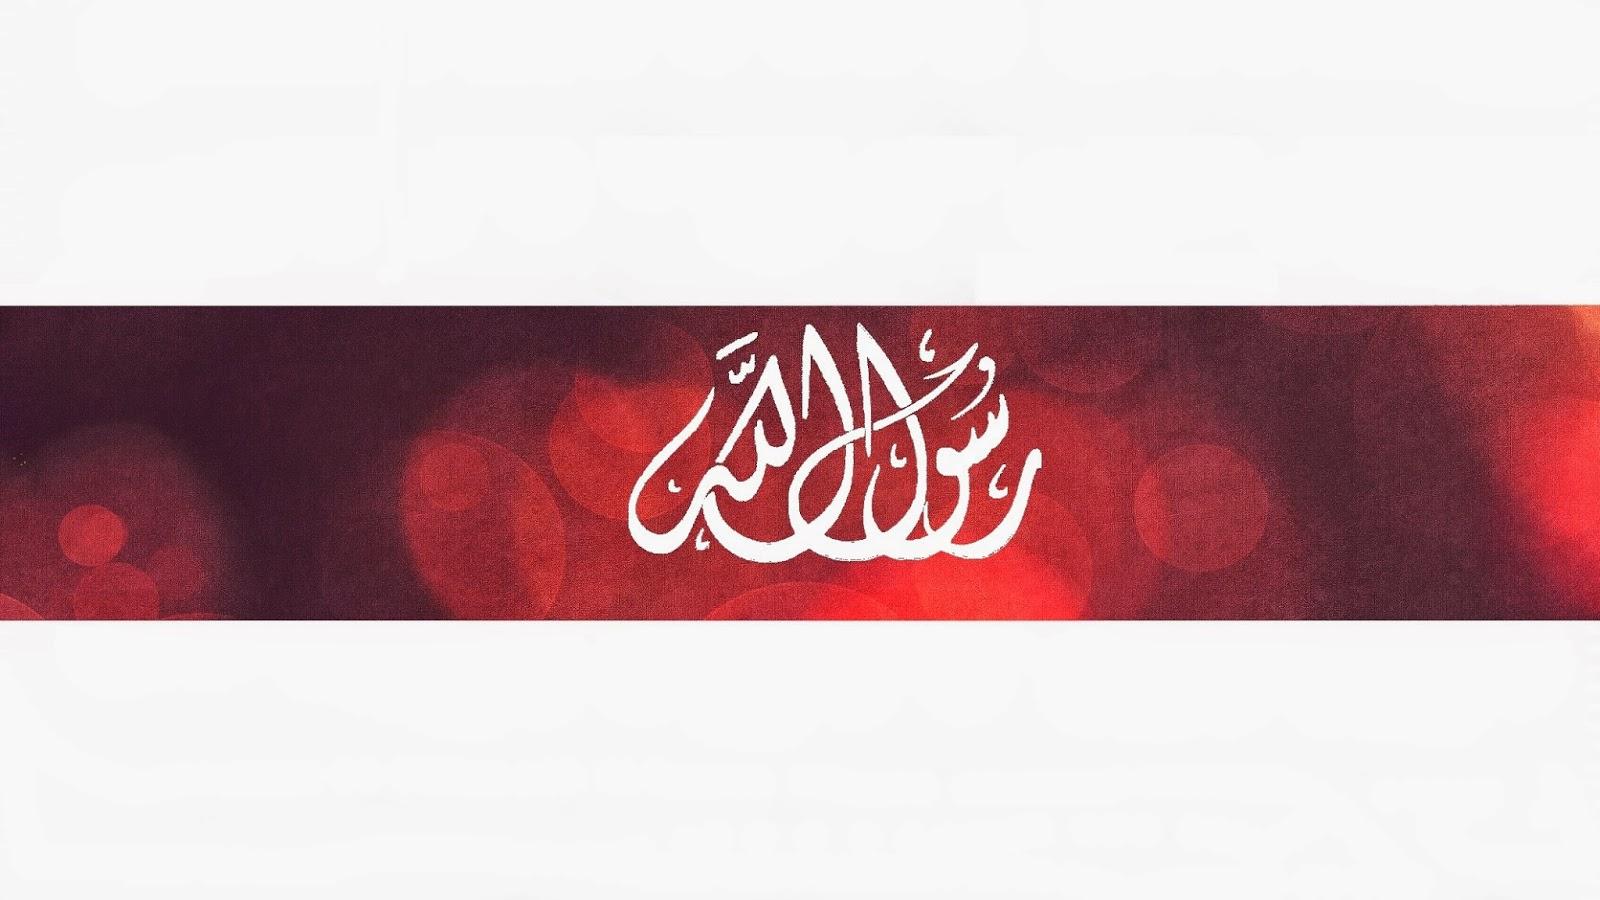 صورة يوتيوب اسلامي , افضل مقطع اسلاميه على يوتيوب